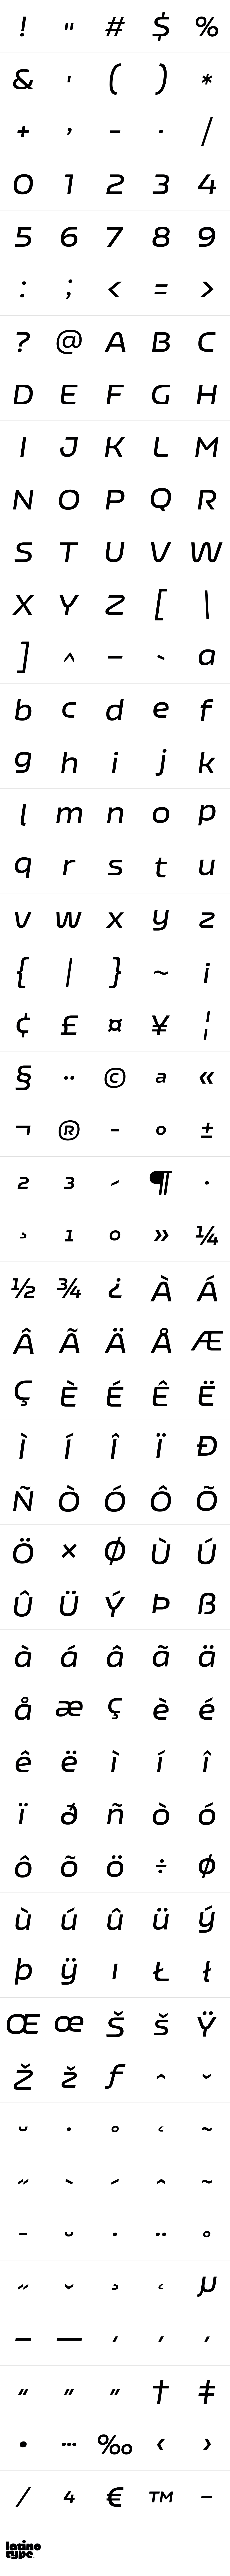 Nizzoli Alt SemiBold Italic